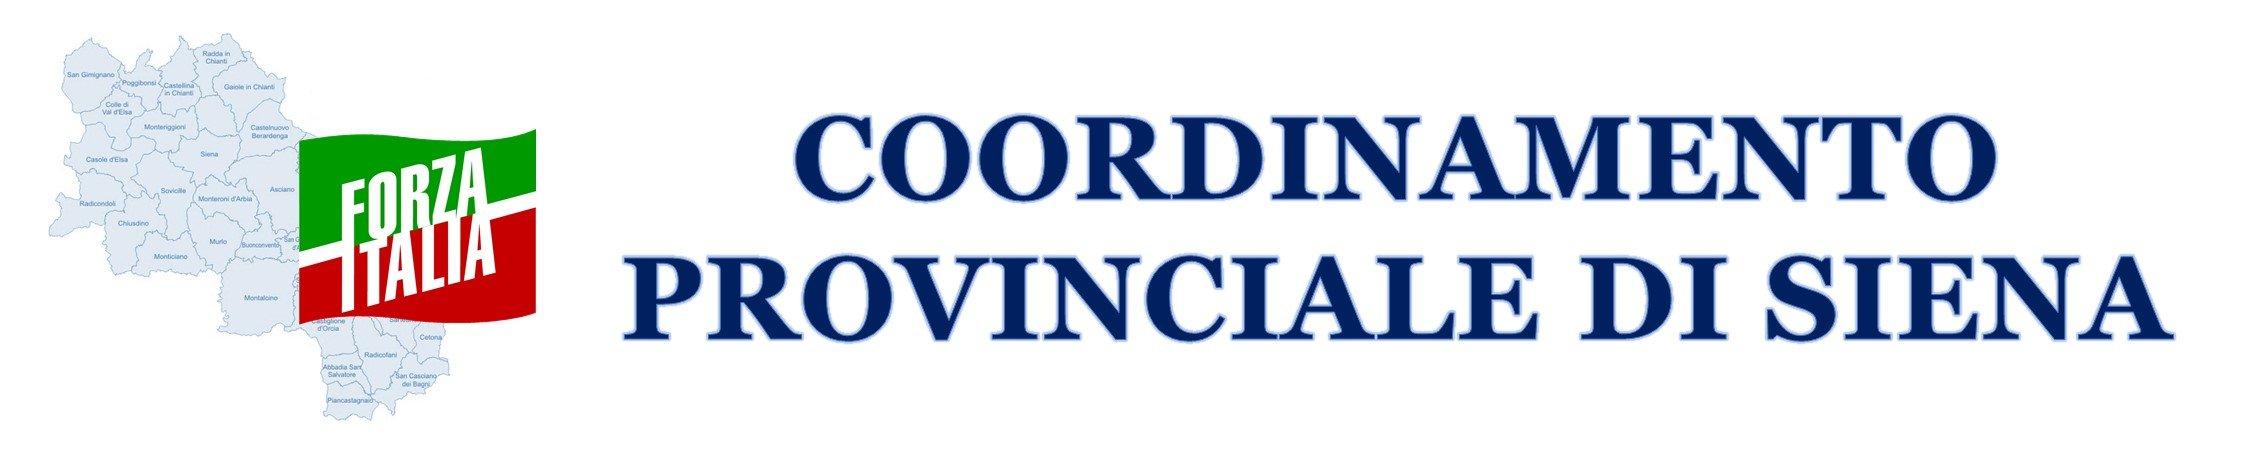 Coordinamento provinciale Siena